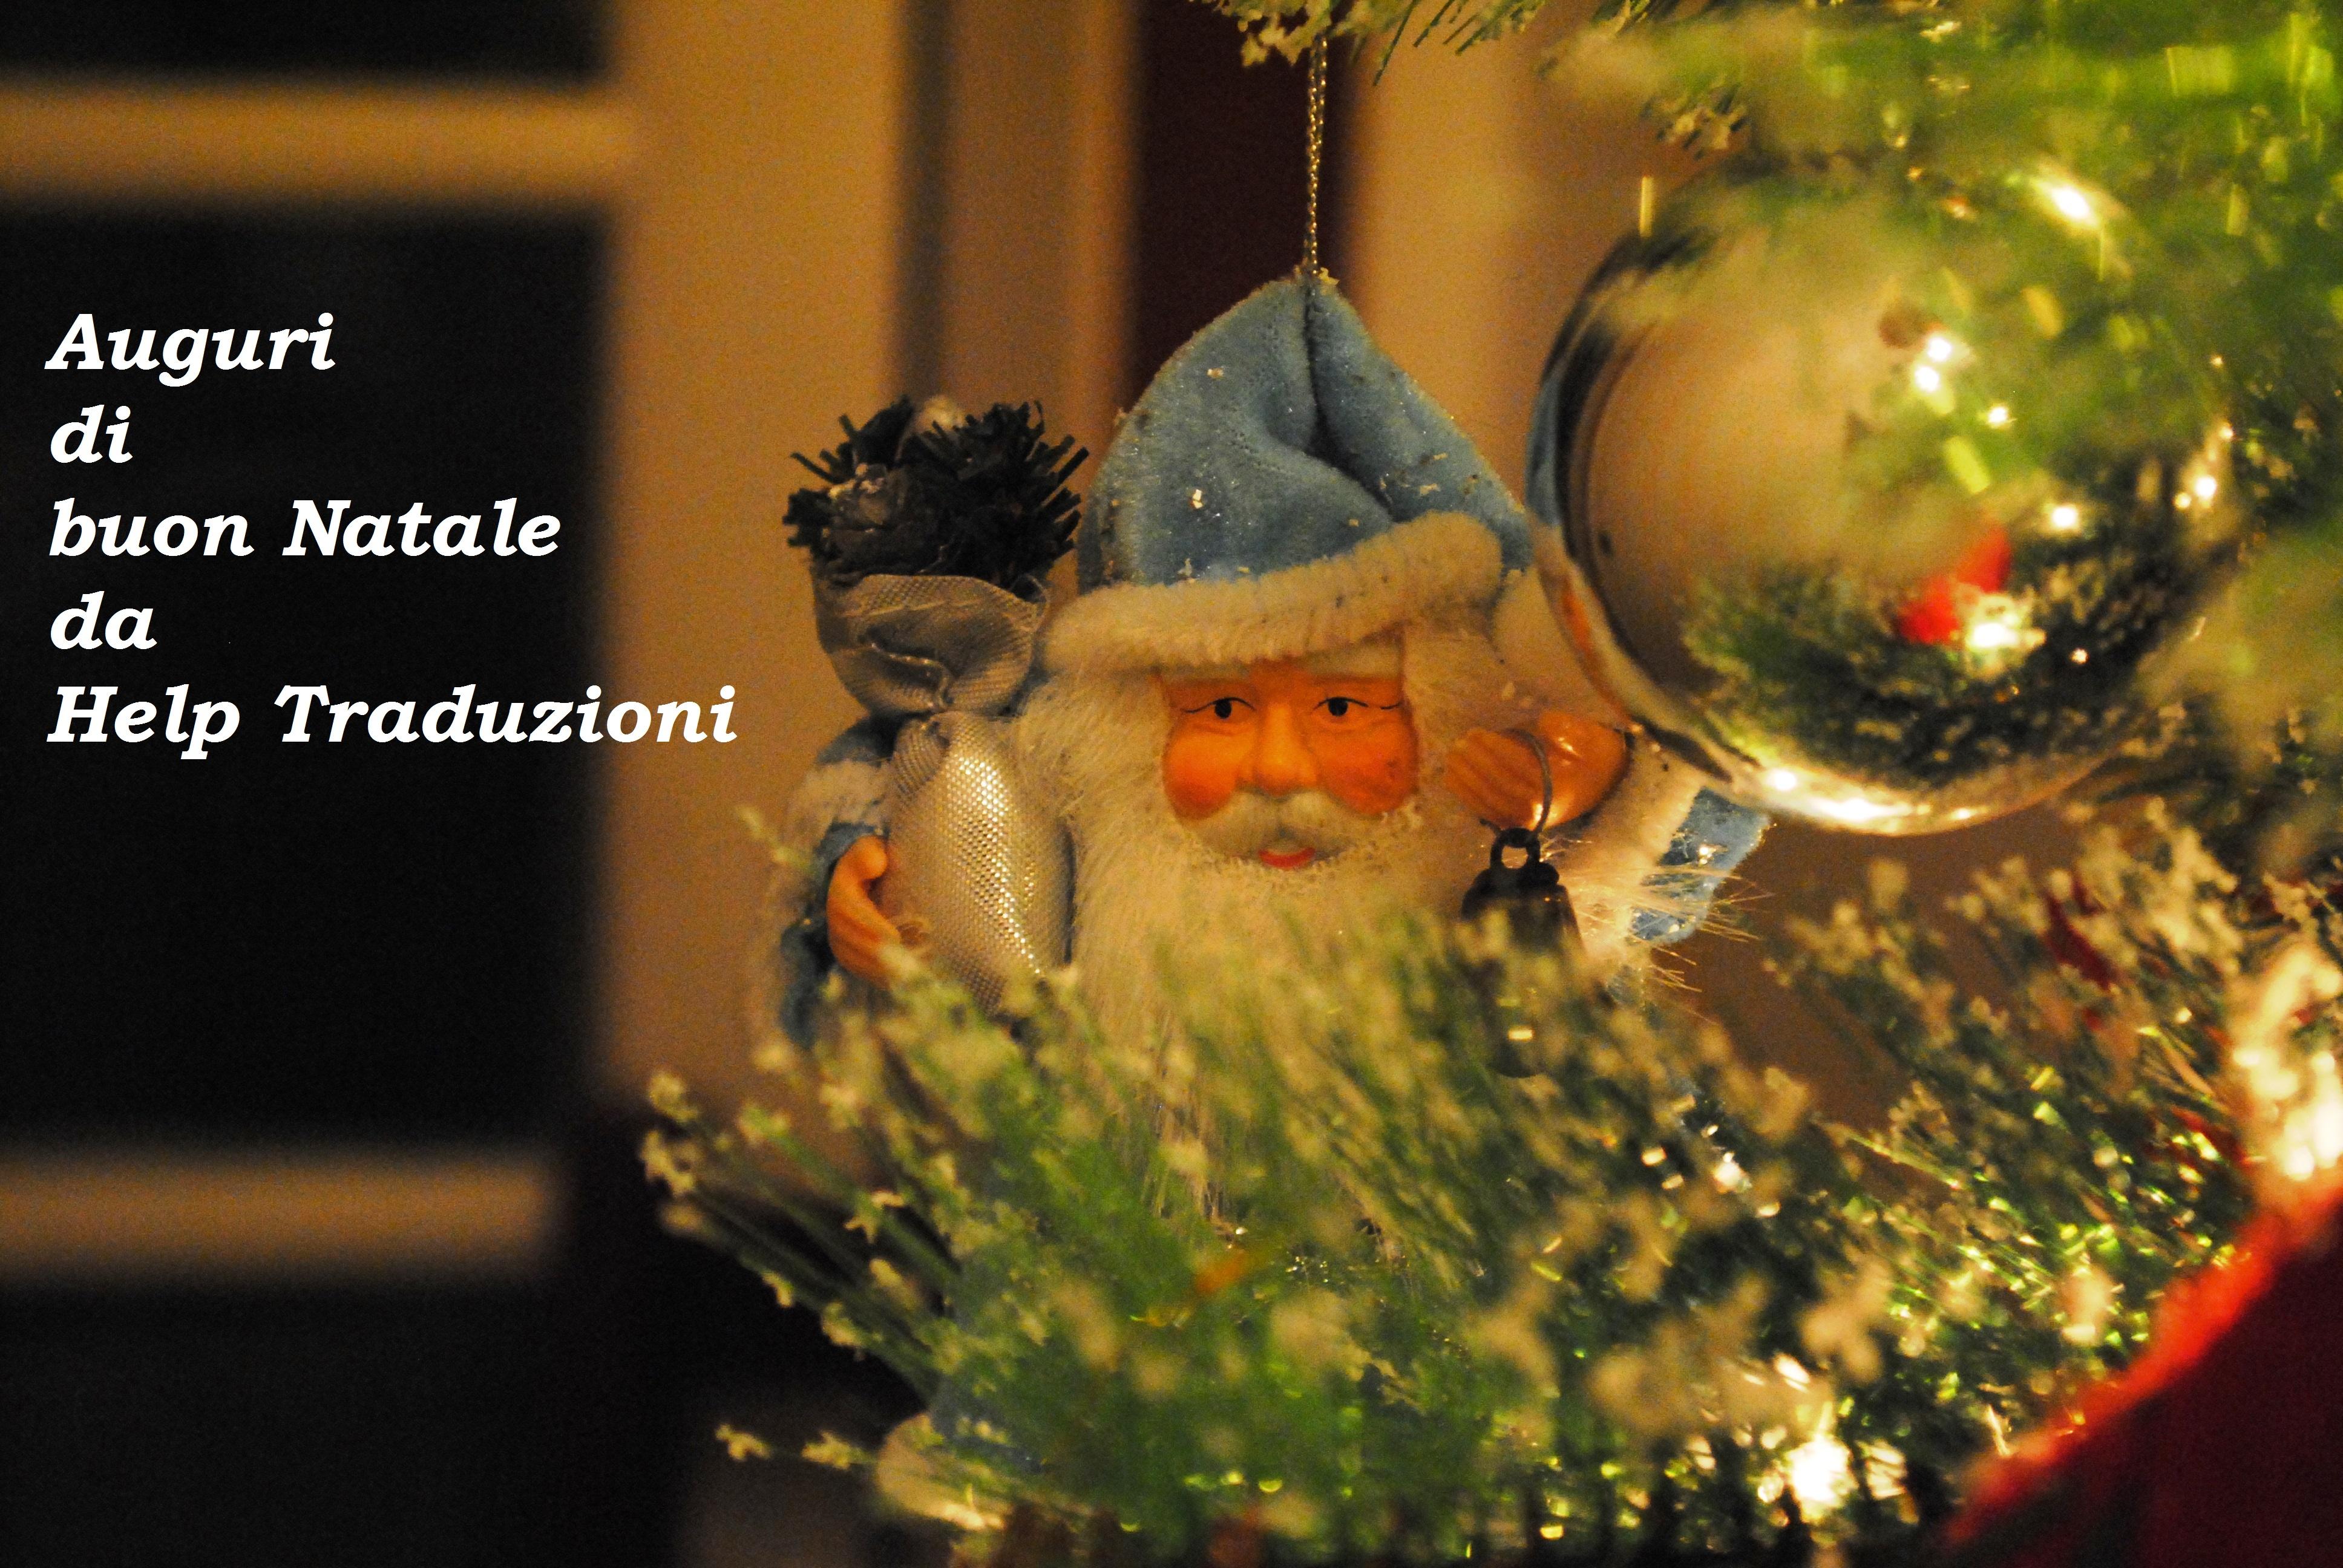 Auguri di buon Natale da Help Traduzioni